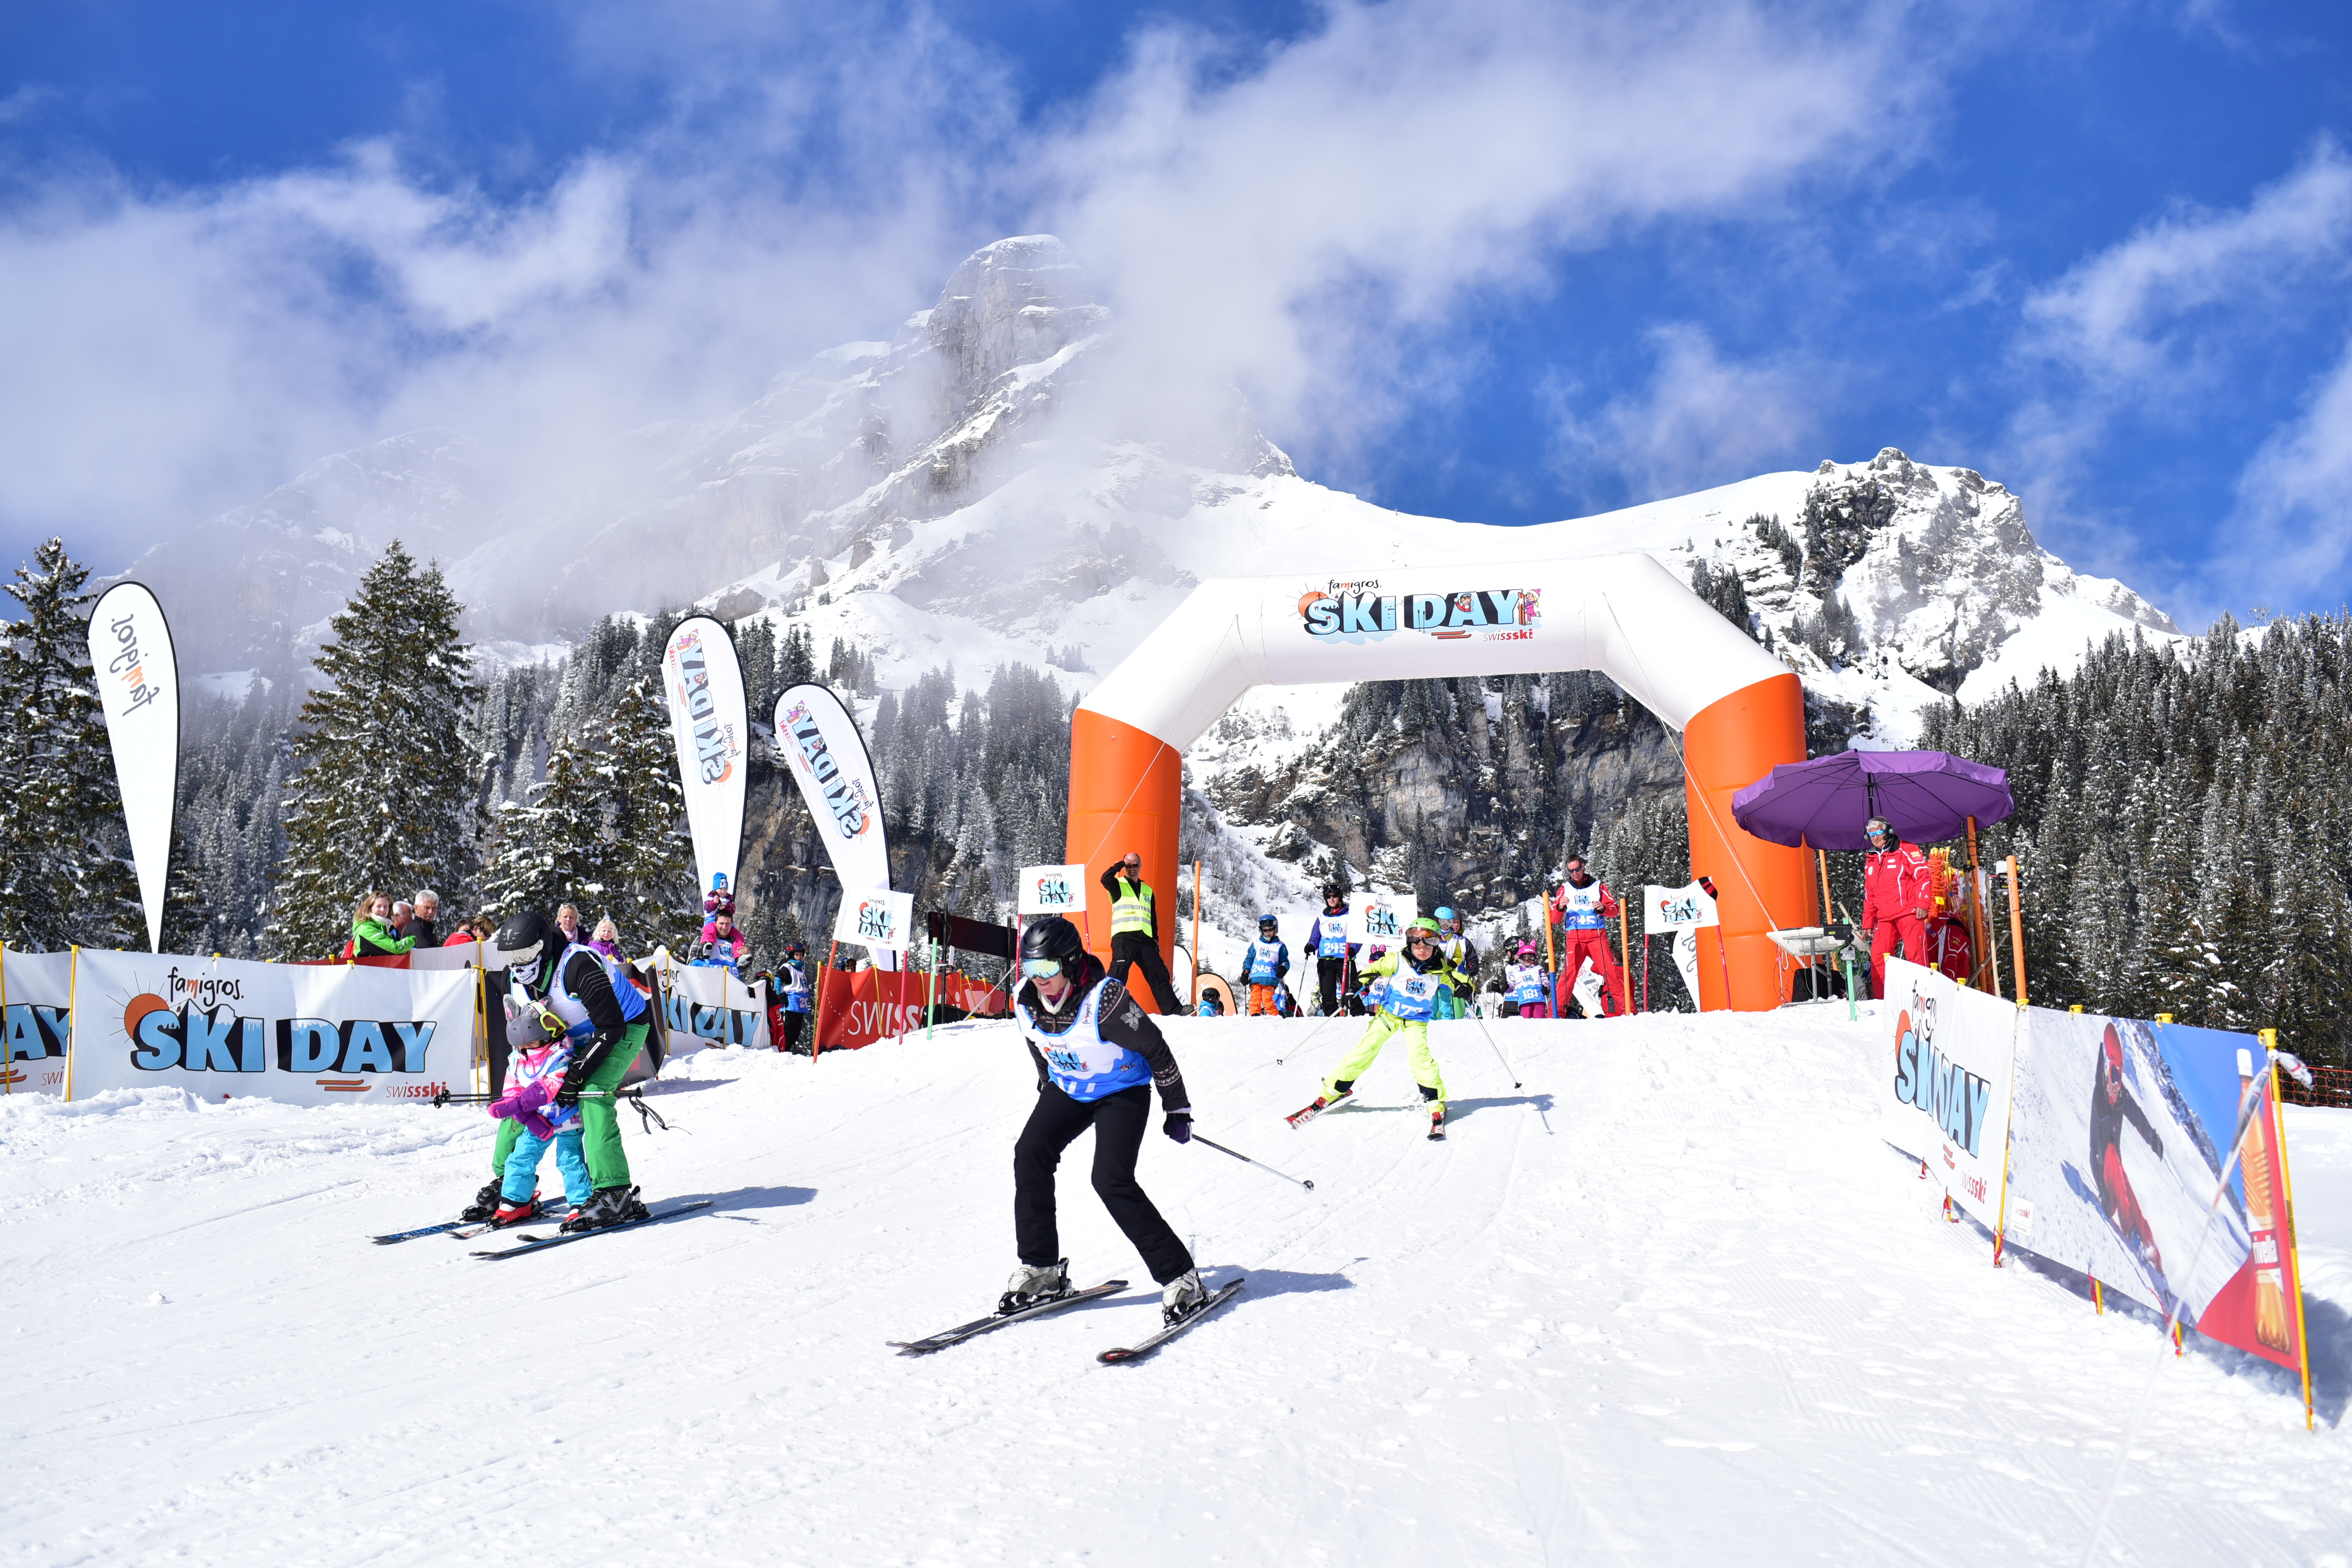 Famigros Ski Day 2017